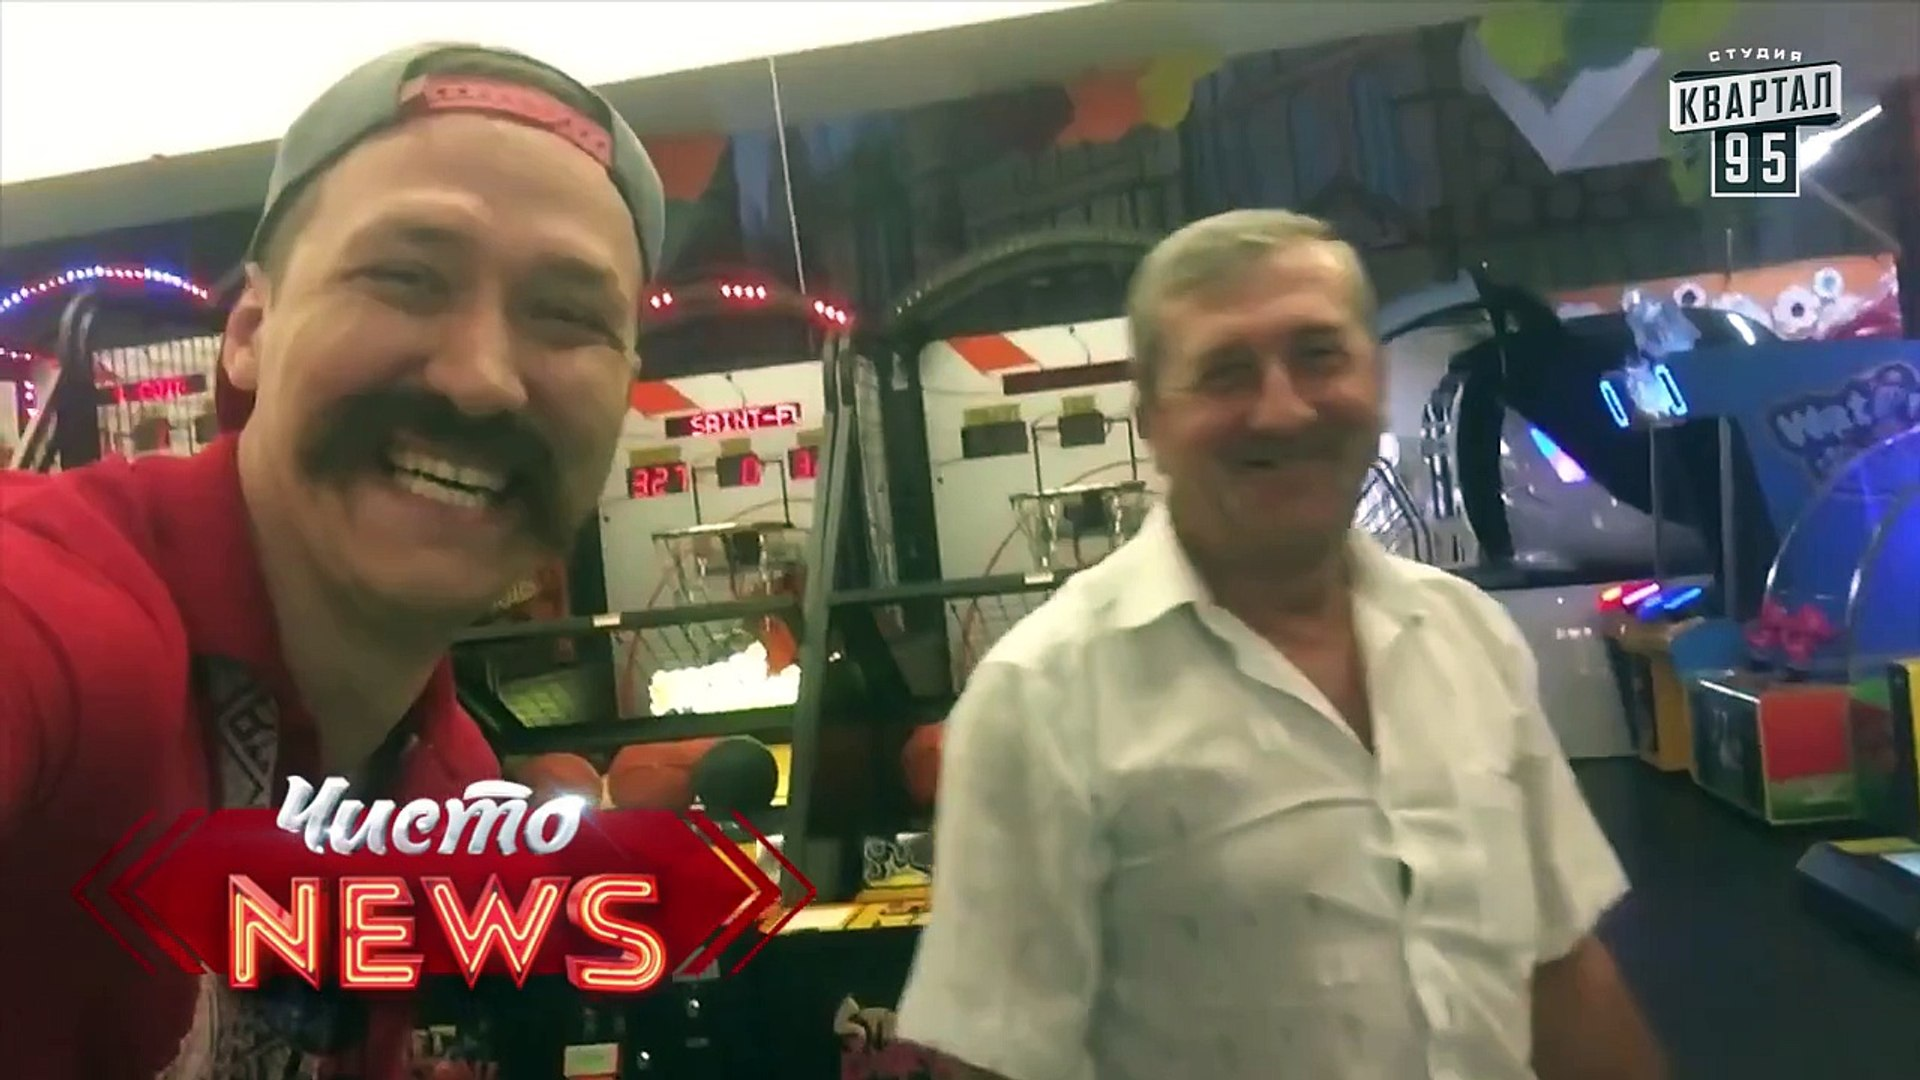 Розыгрыш от Чисто News - Селфи с усами & Selfie Prank